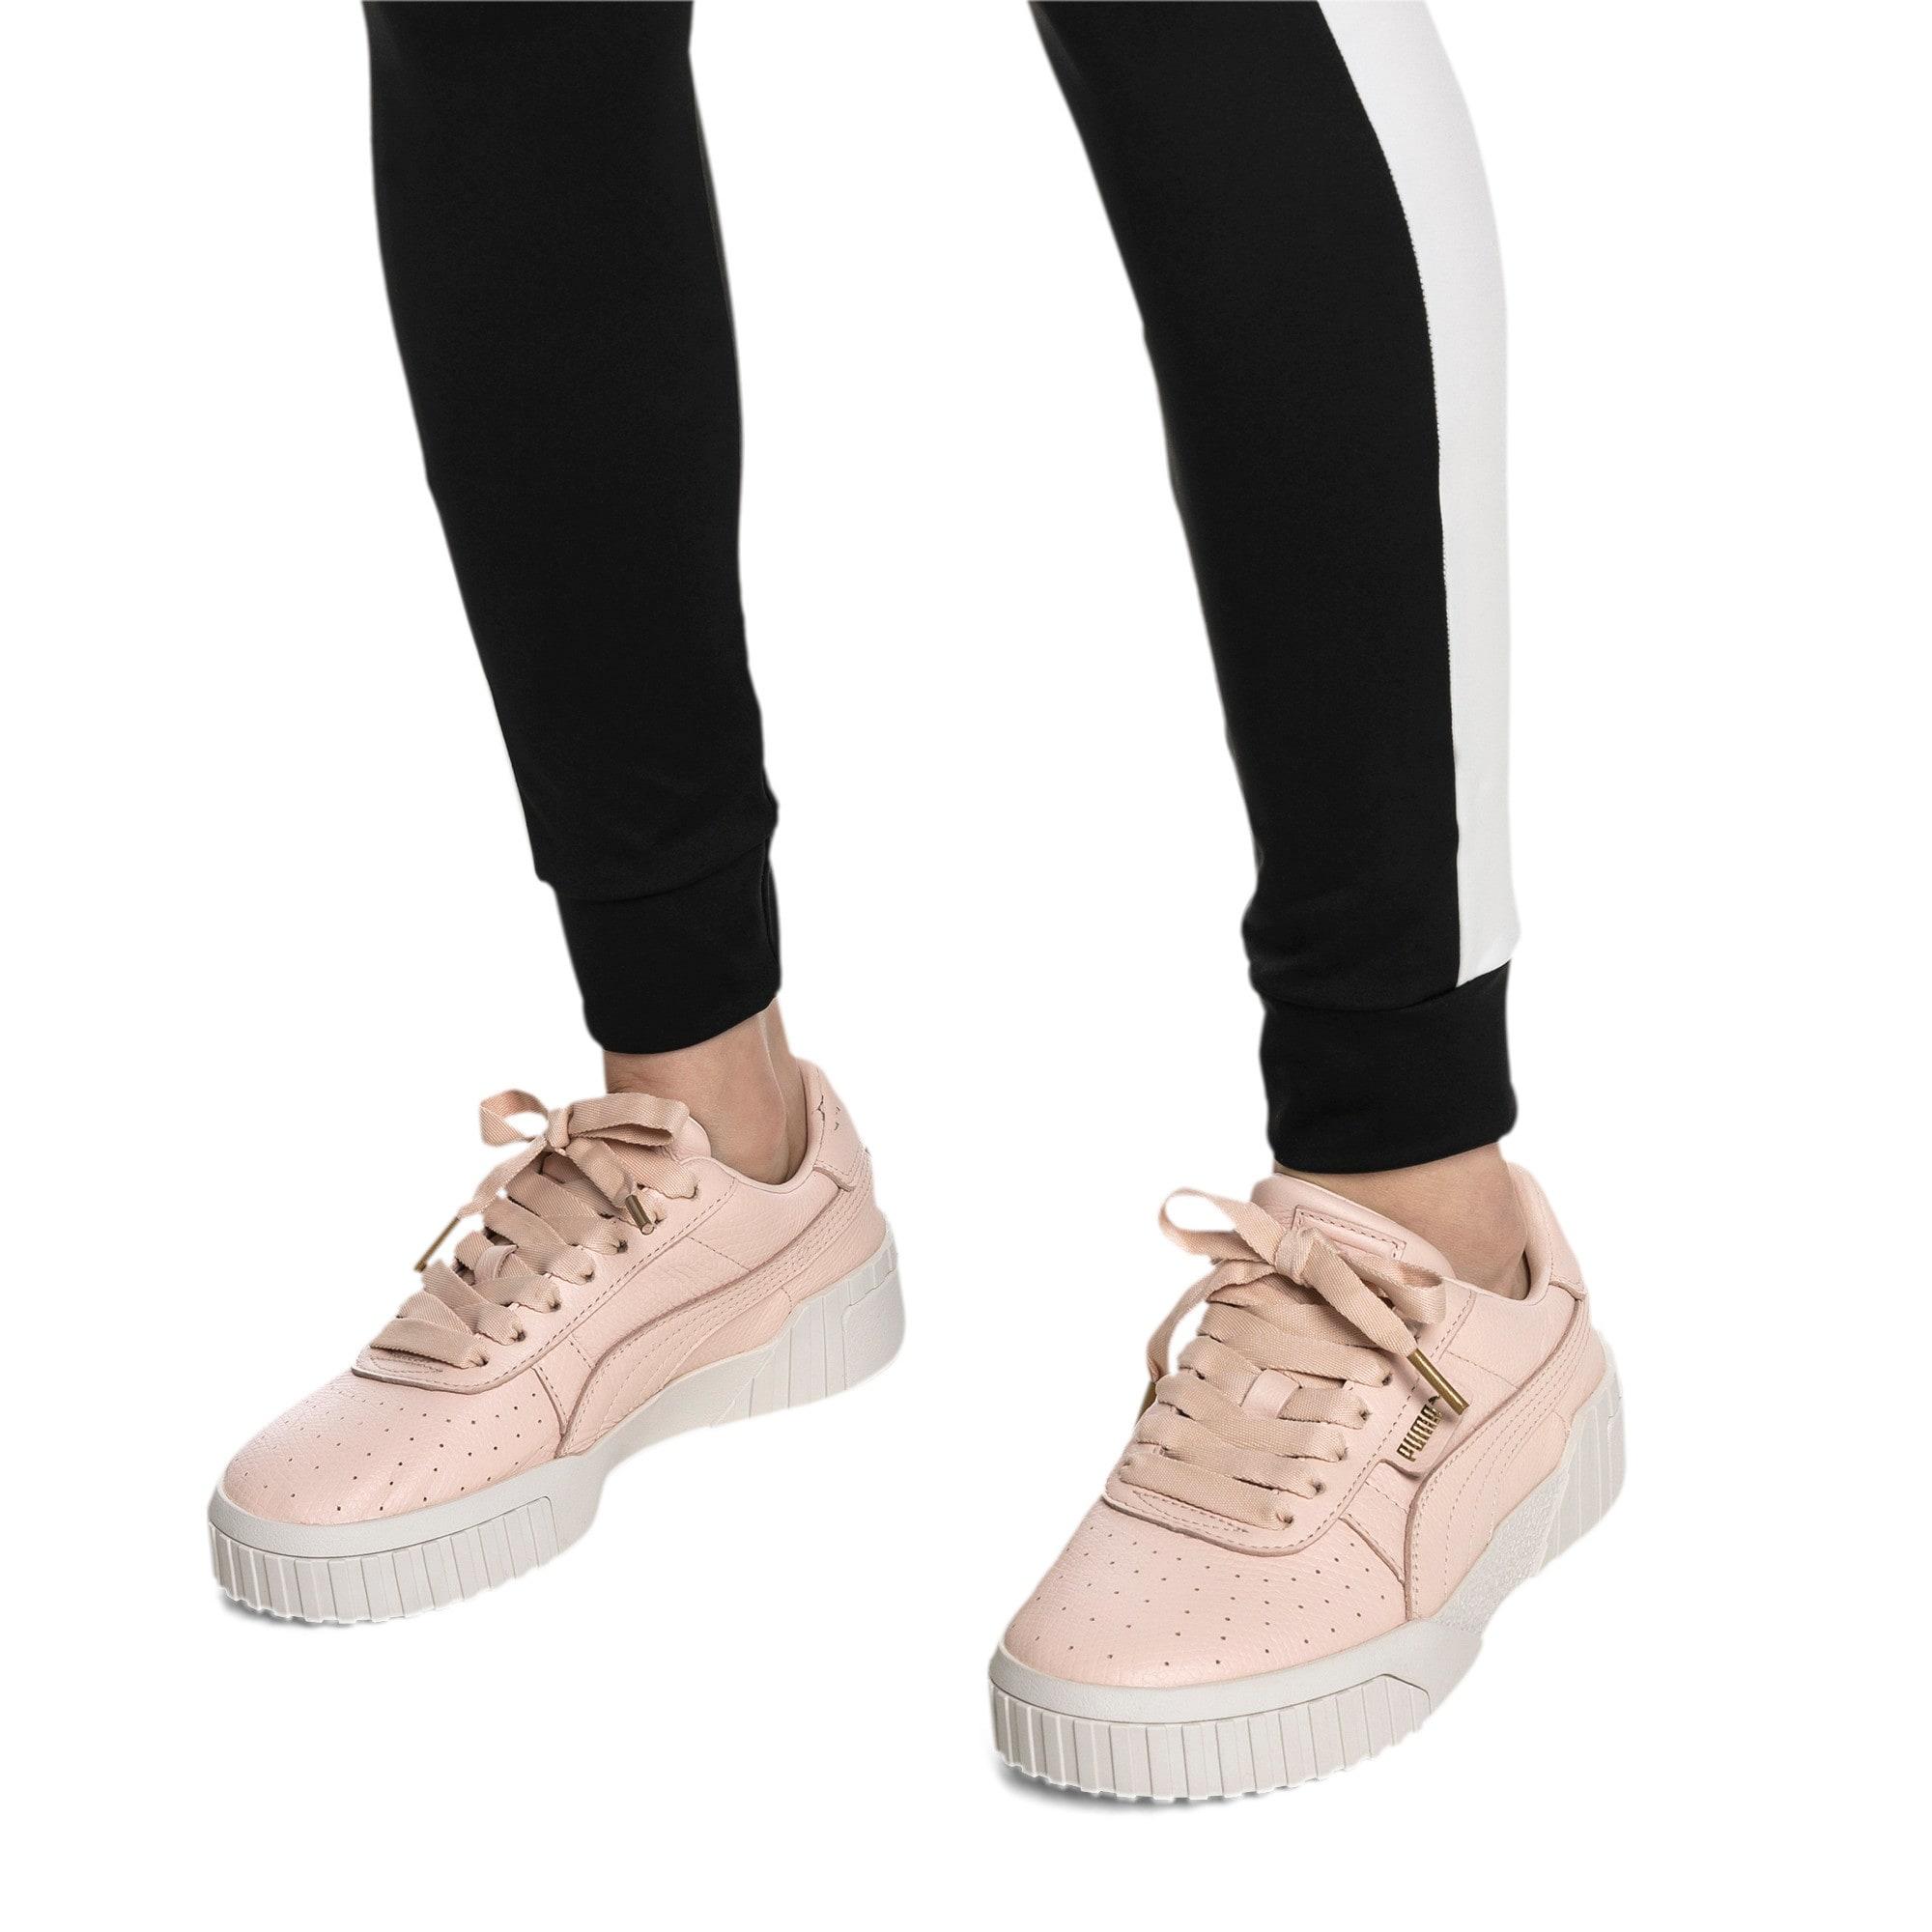 Thumbnail 2 of Cali Emboss sneakers voor dames, Cream Tan-Cream Tan, medium